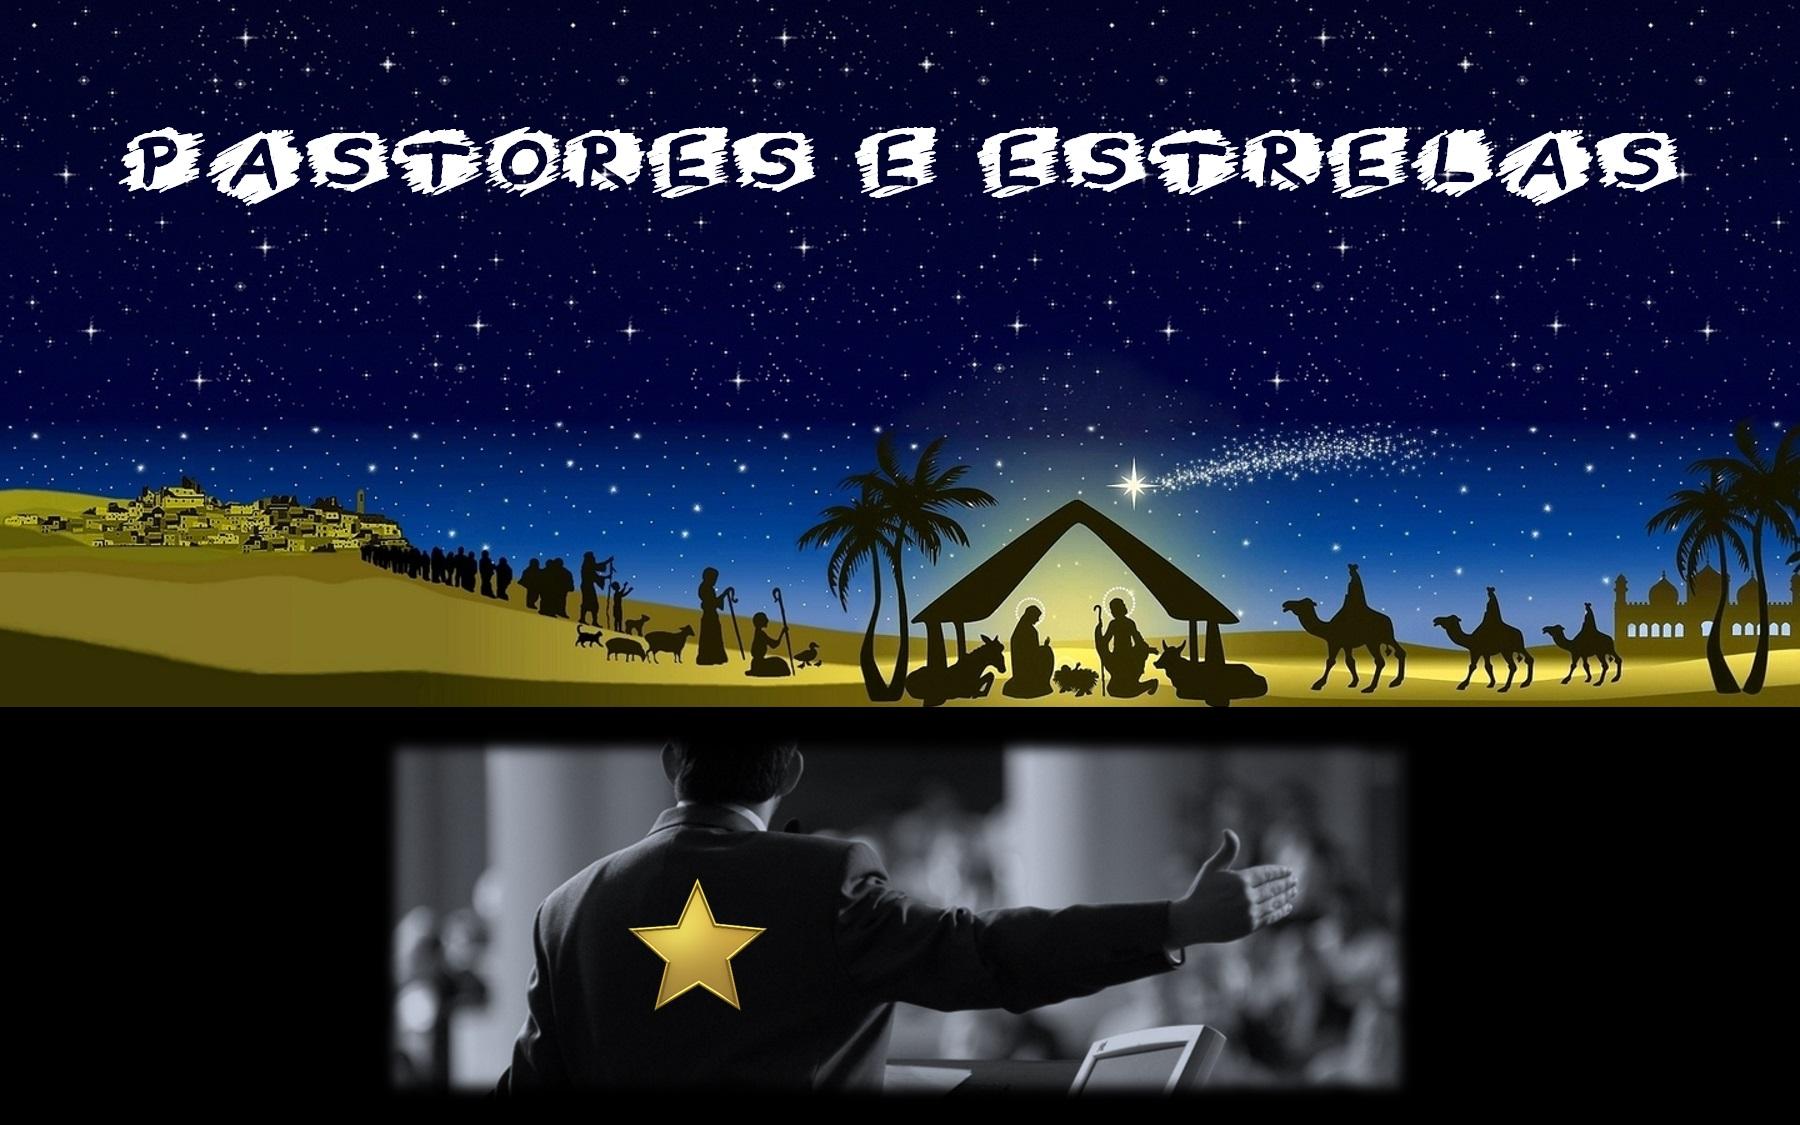 Pastores e Estrelas